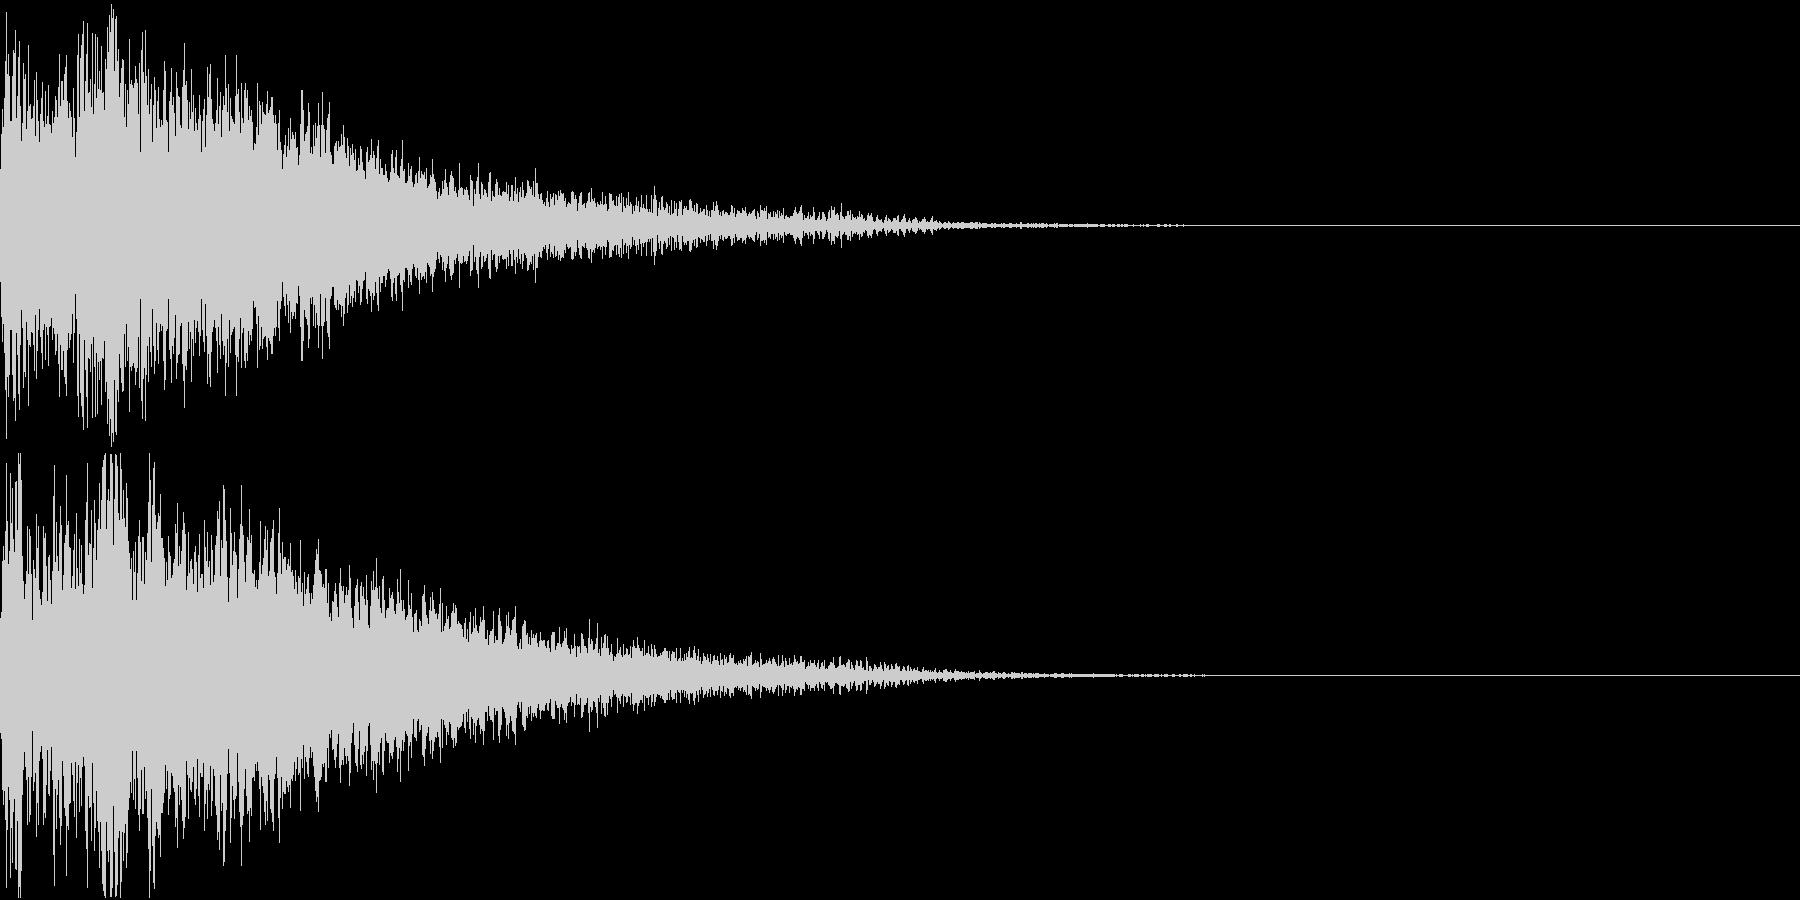 ロボット 合体 ガシーン キュイン 27の未再生の波形